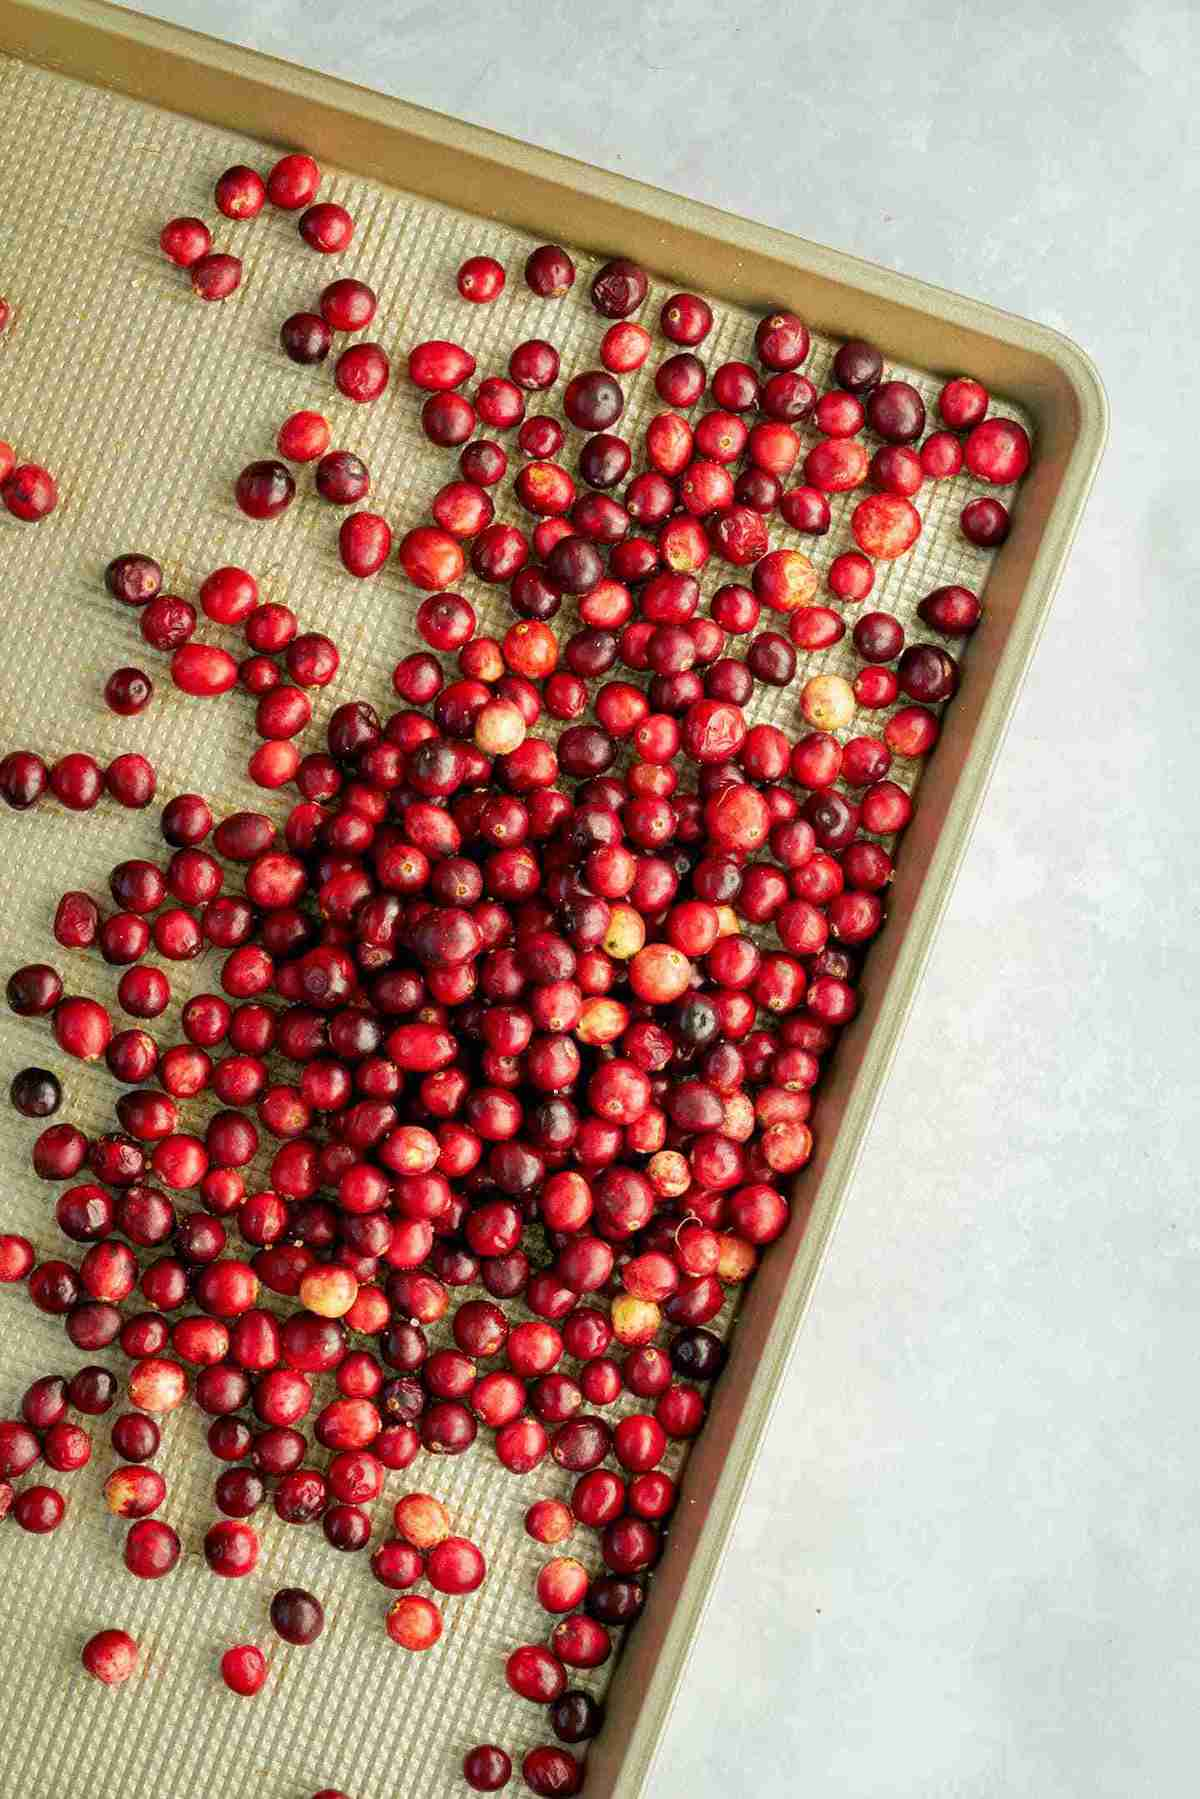 Raw cranberries on baking sheet.